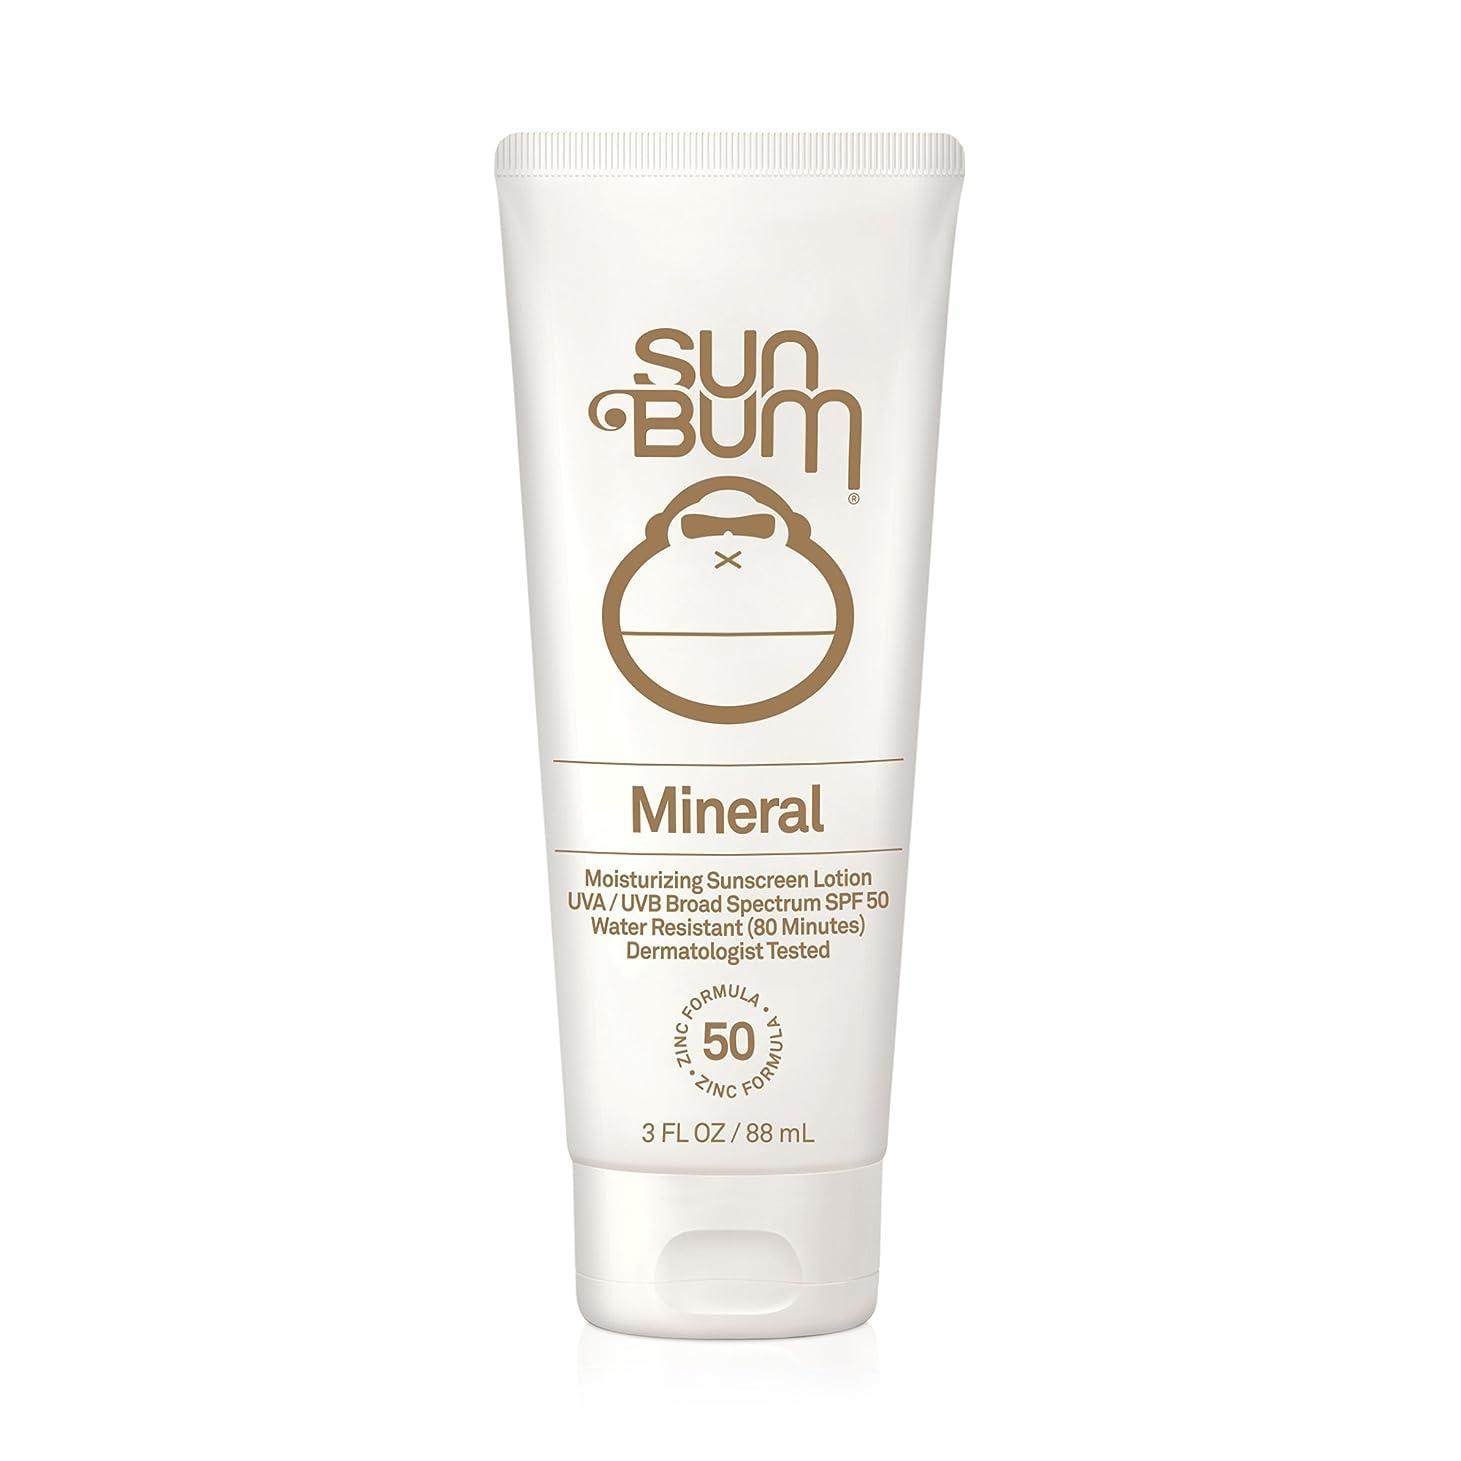 古代ピンチありがたいサン バン SUN BUM 日焼け止め サンスクリーン オーガニック ハワイ Sunscreen SPF 50 88ml 3FL OZ